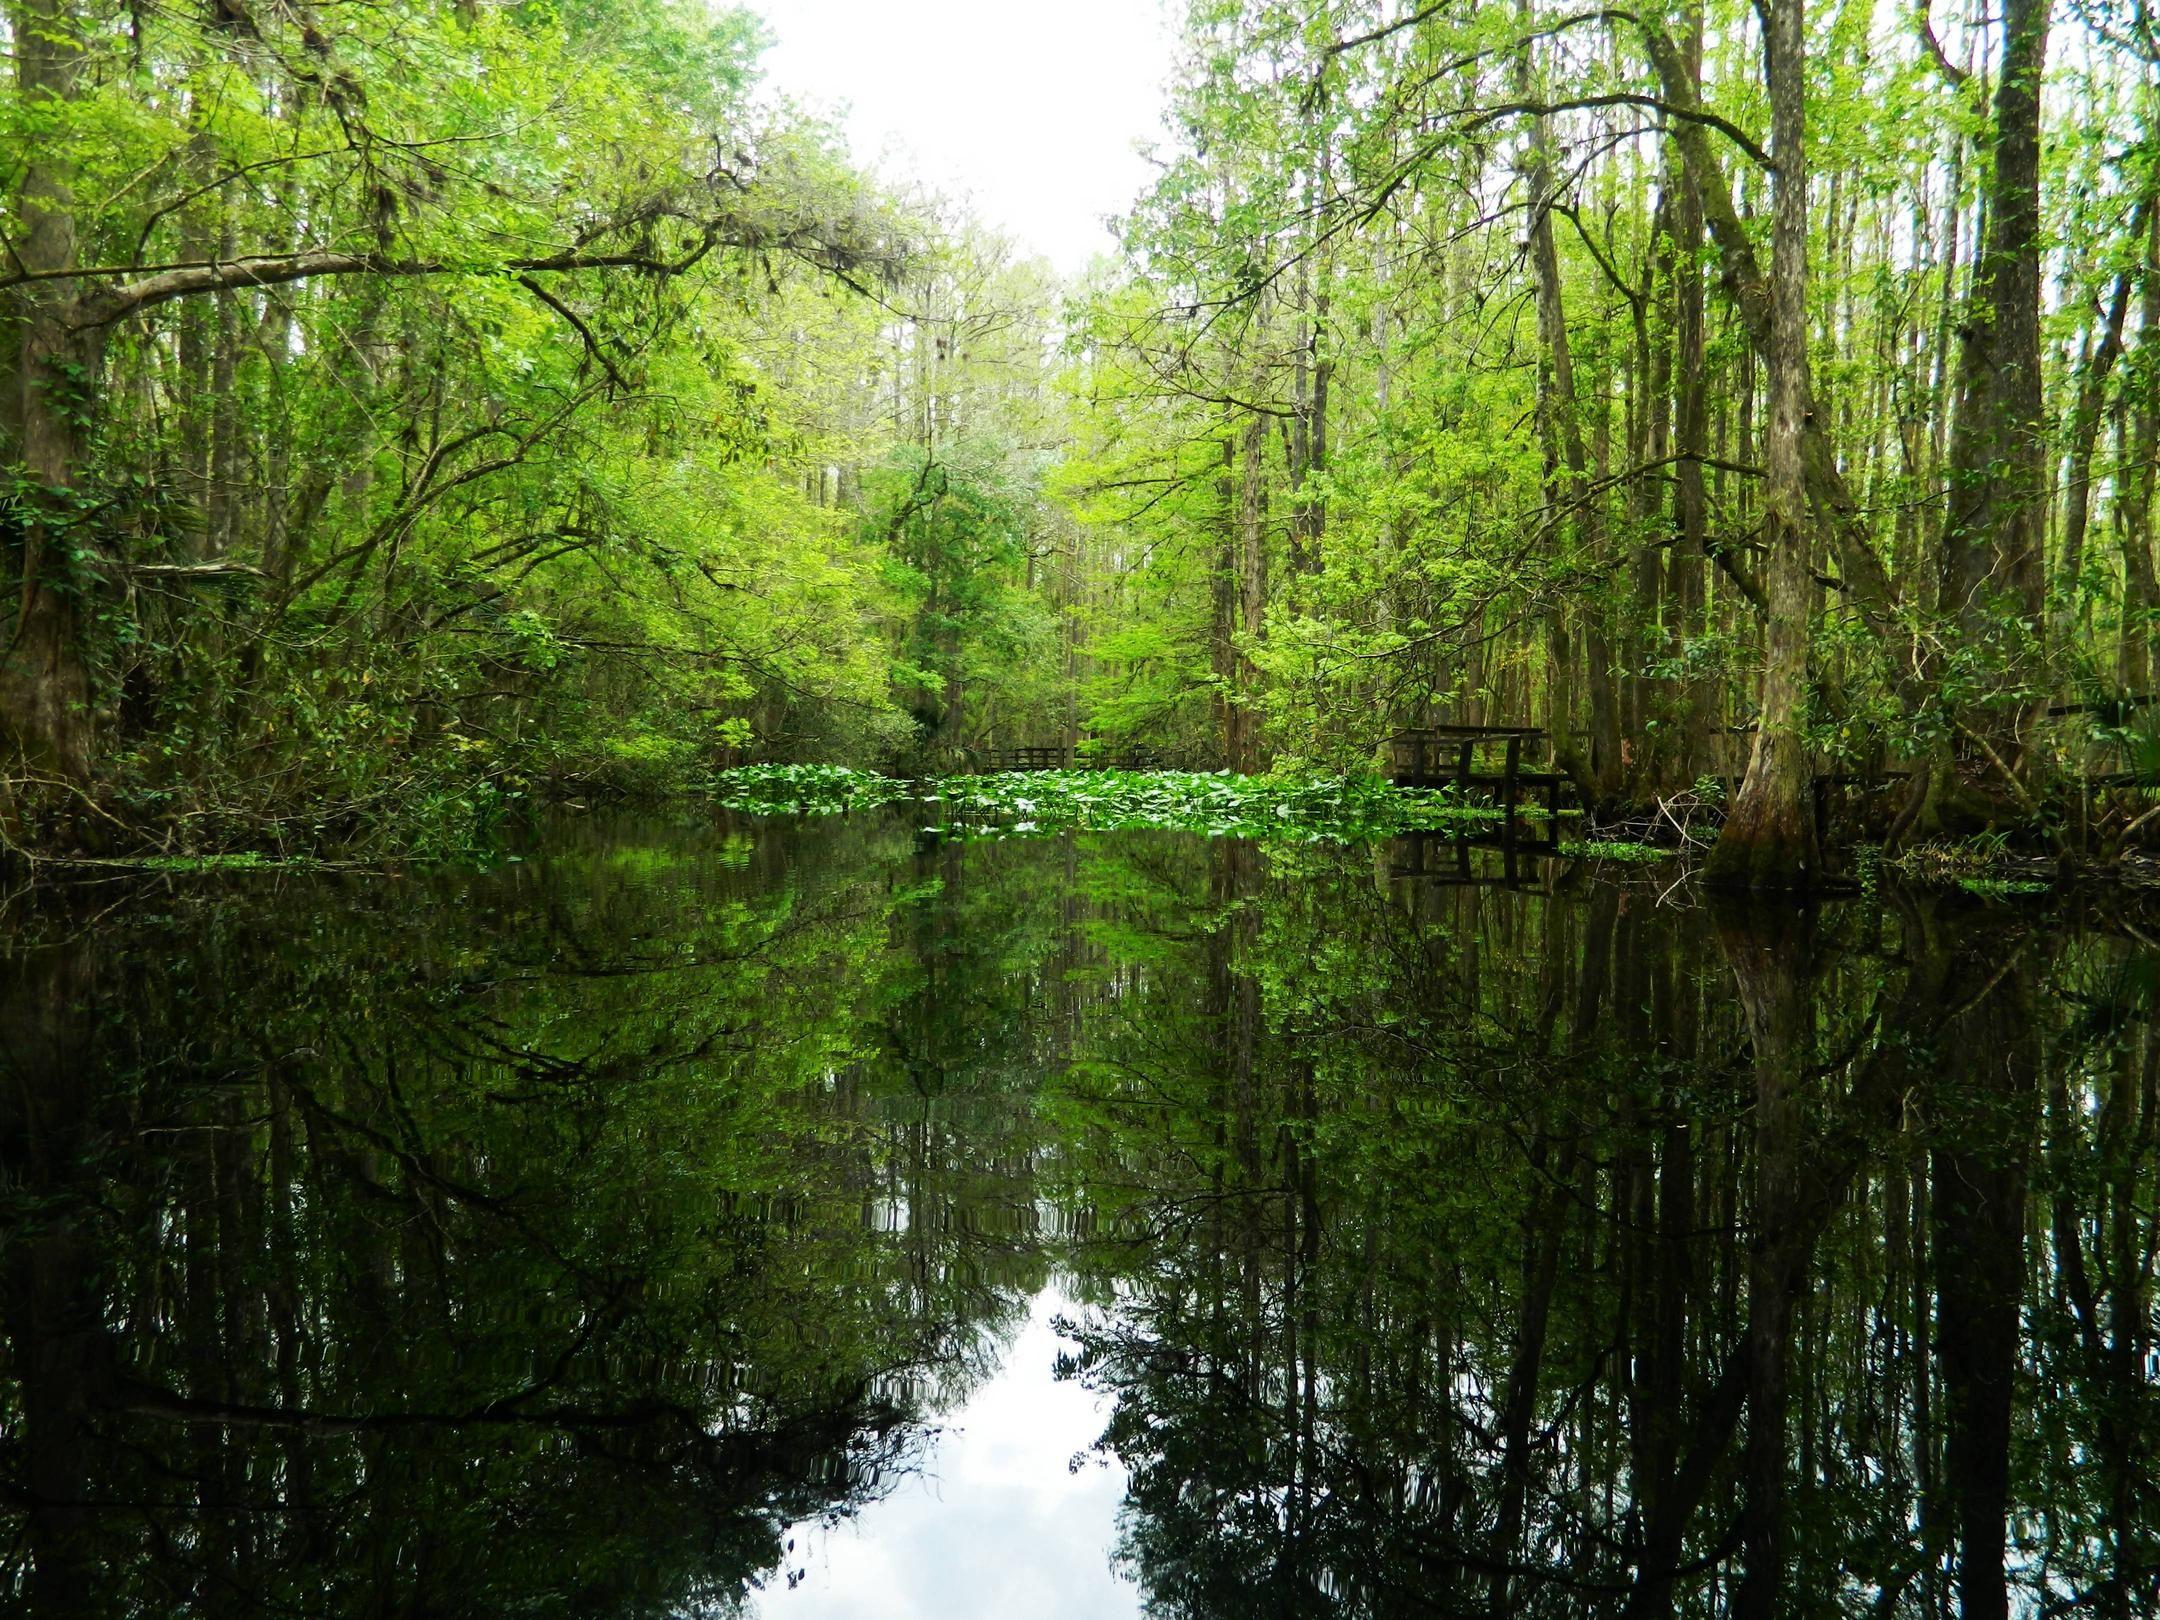 Highlands Hammock State Park Florida Oc 4320 3240 Reddit State Parks Florida Places To Visit